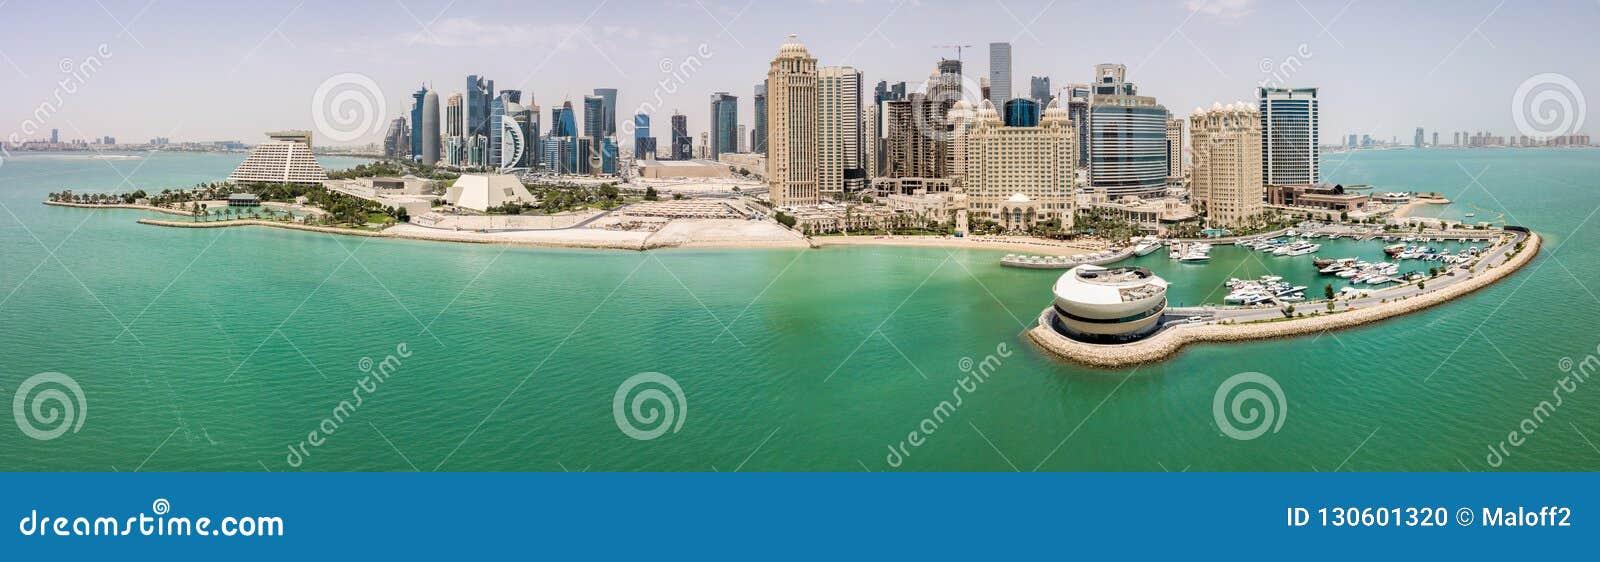 De horizon van Doha, Qatar Moderne rijke stad van het Middenoosten van wolkenkrabbers, satellietbeeld in goed weer, mening van ja